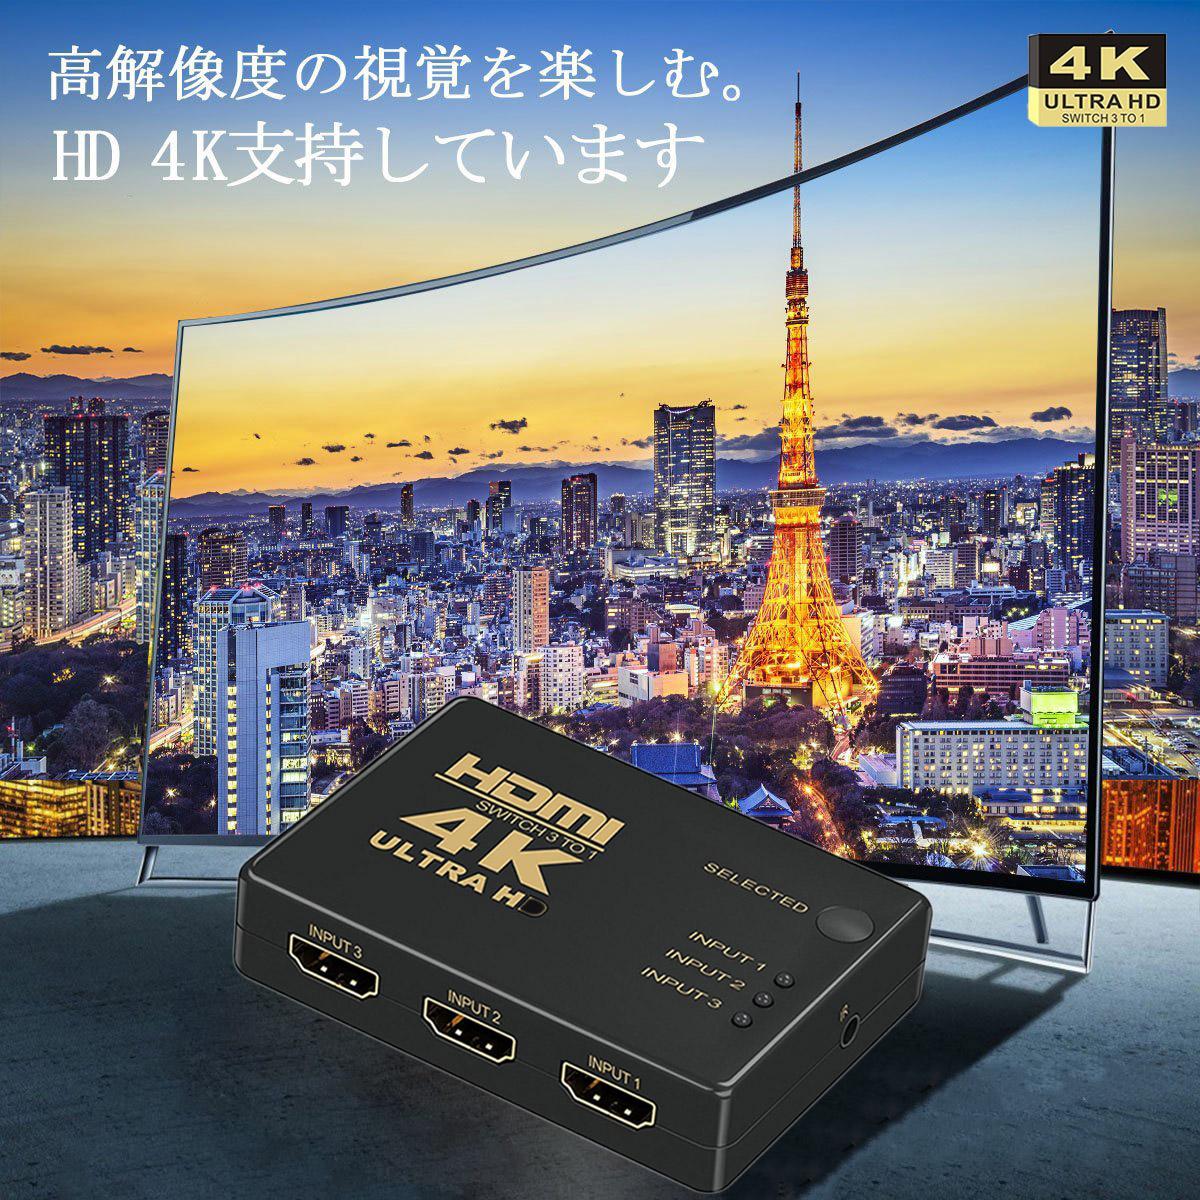 HDMI切替器 3入力1出力